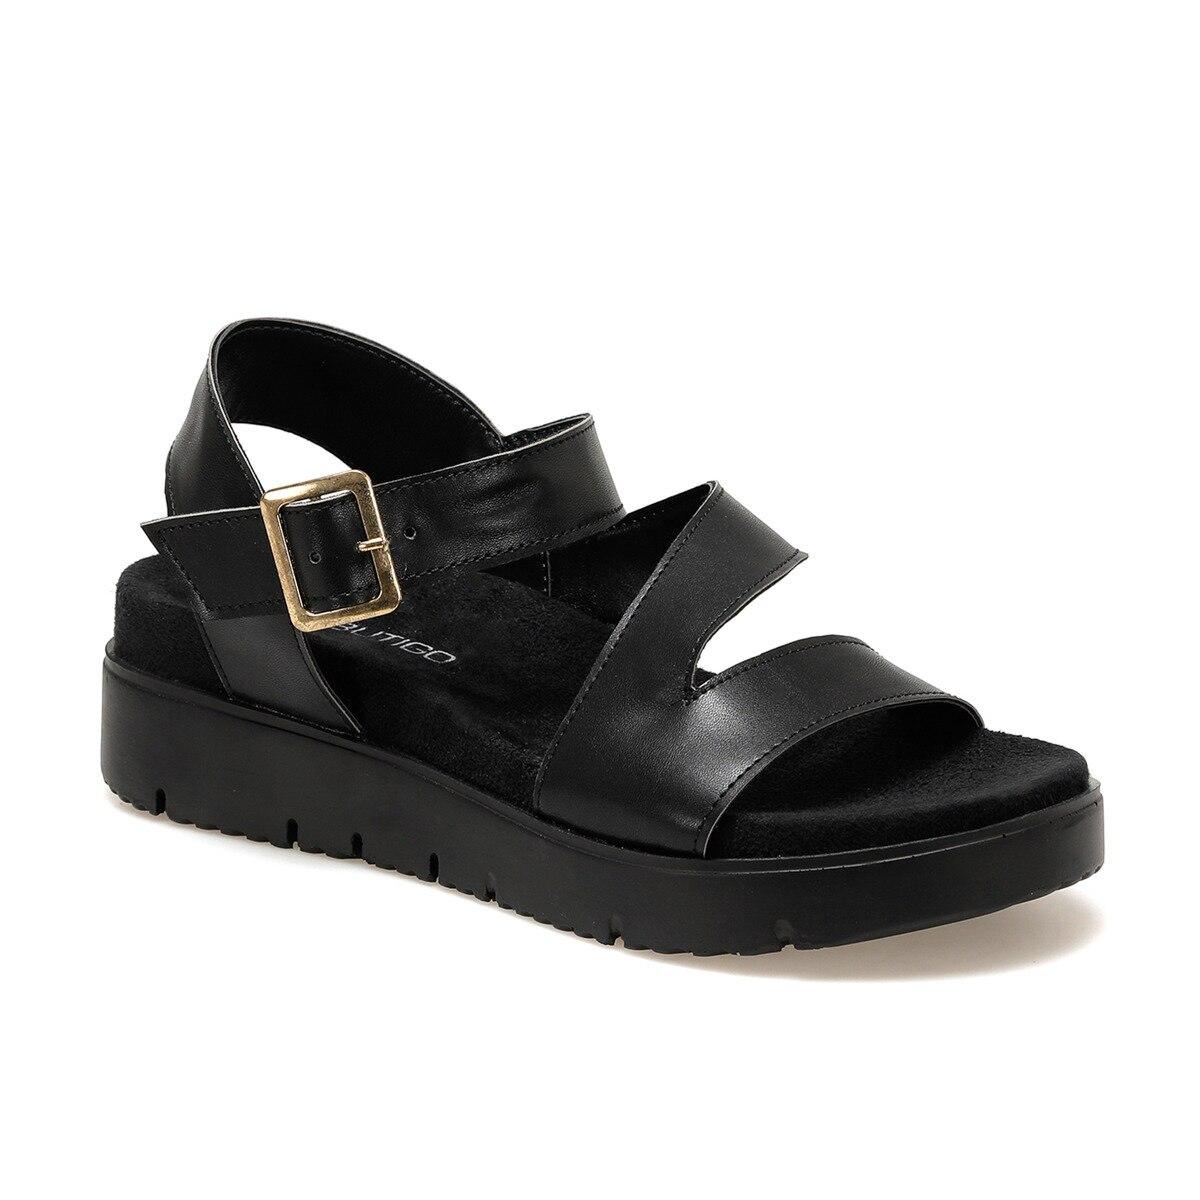 FLO 20S-619 Black Women Sandals BUTIGO